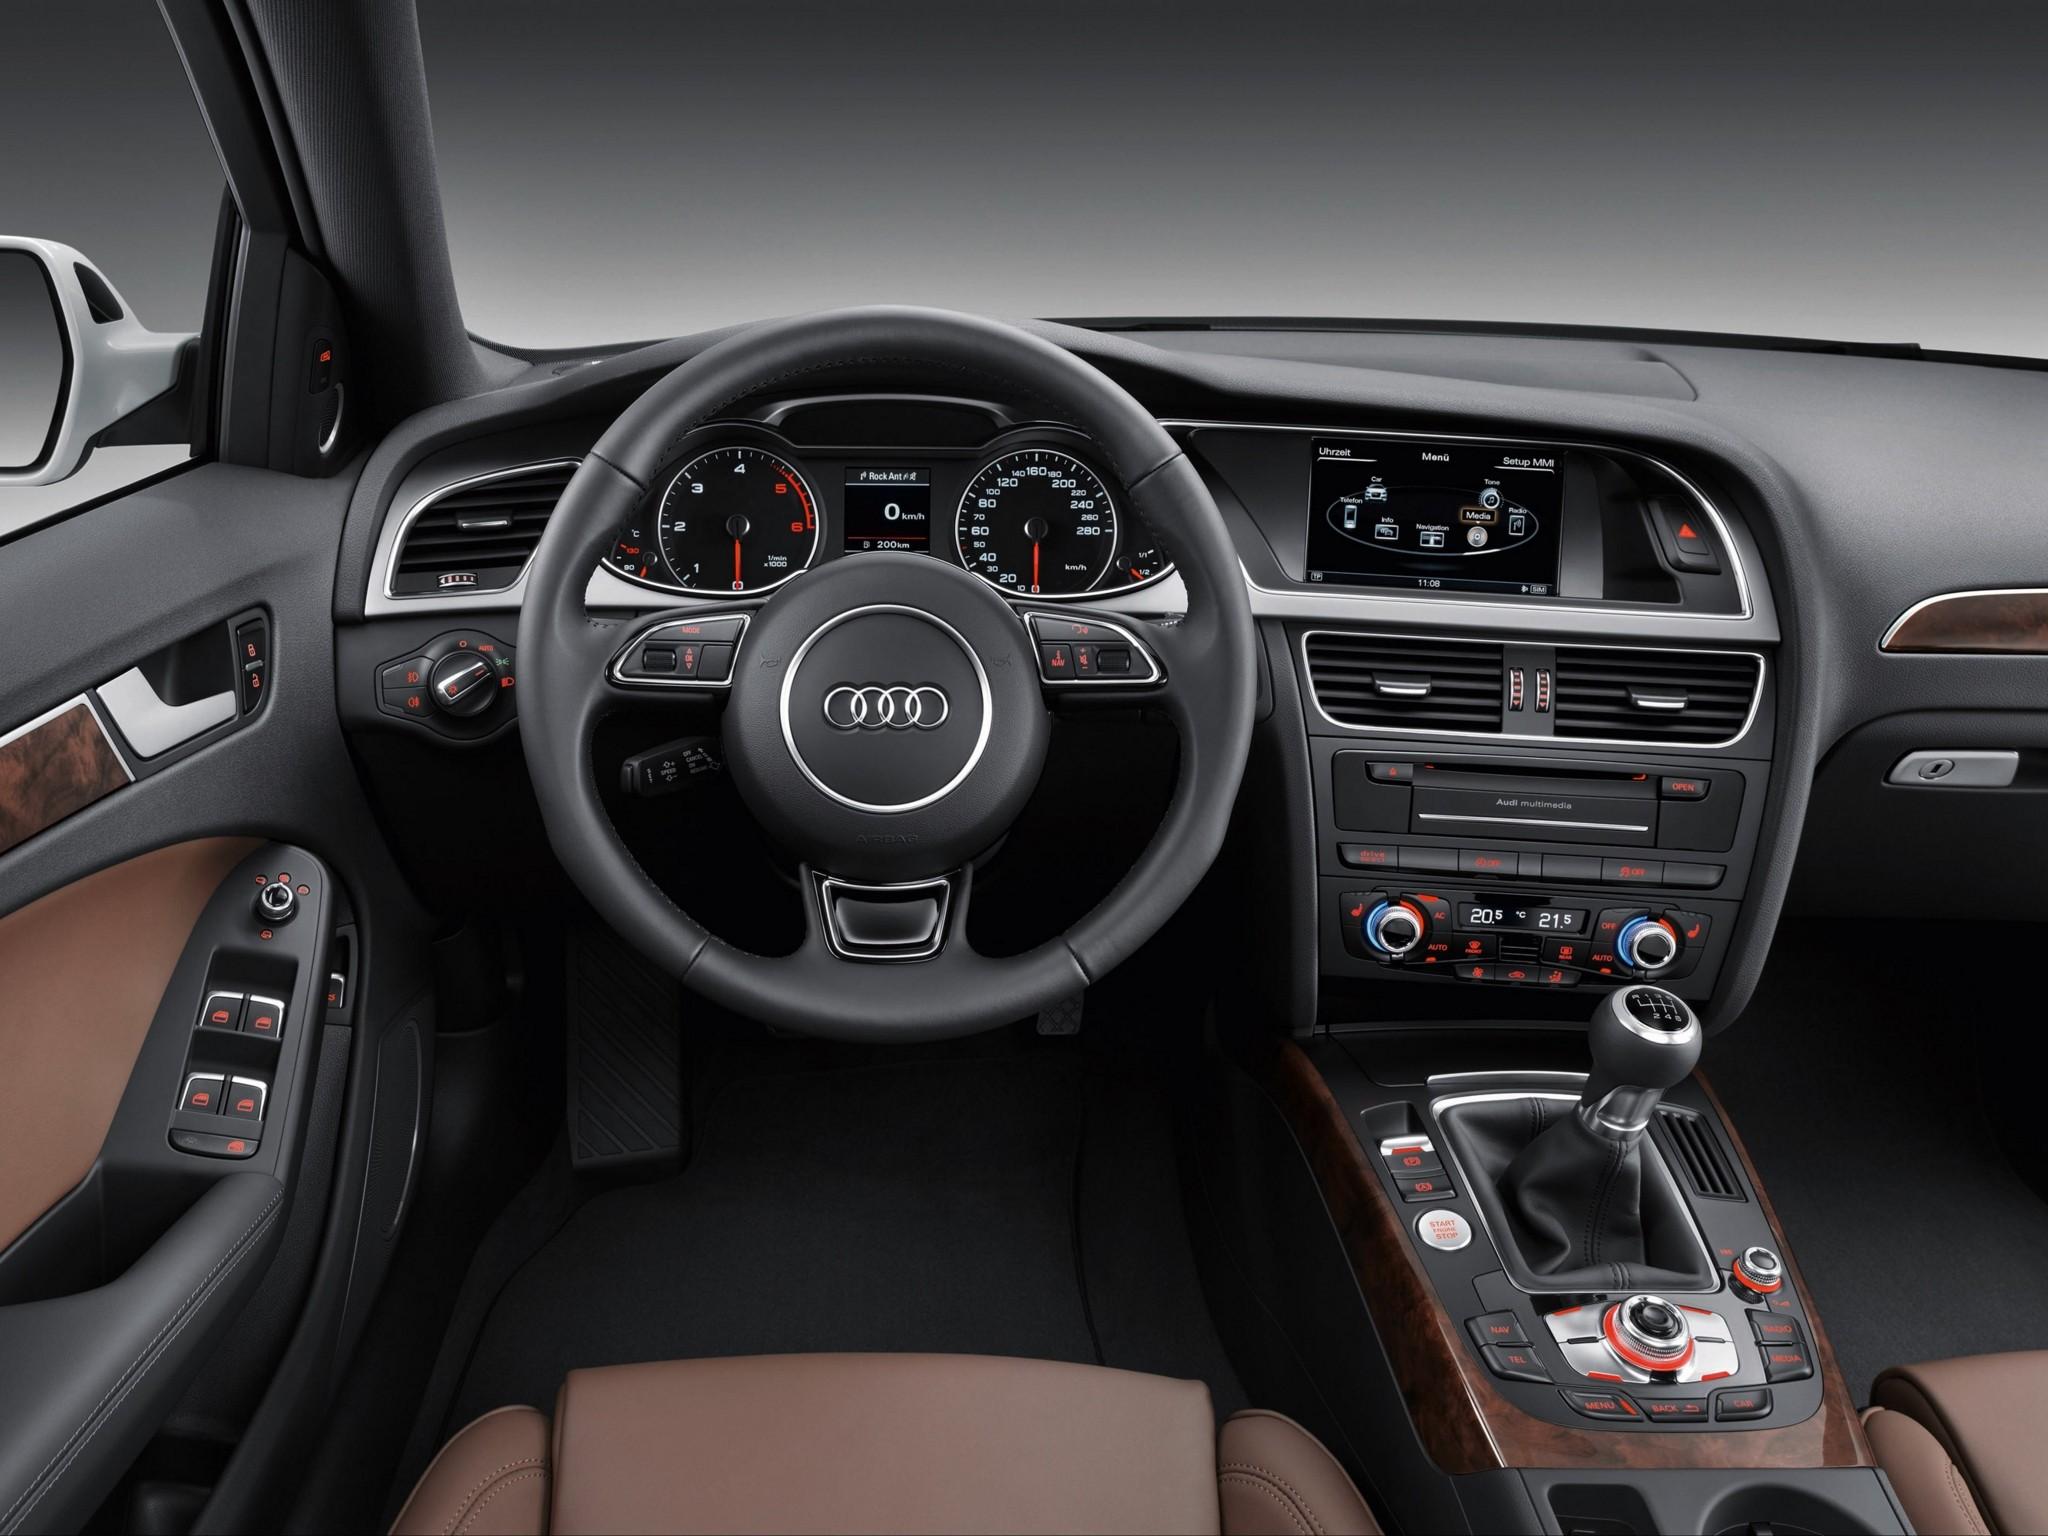 Kelebihan Audi A4 Avant 2014 Murah Berkualitas